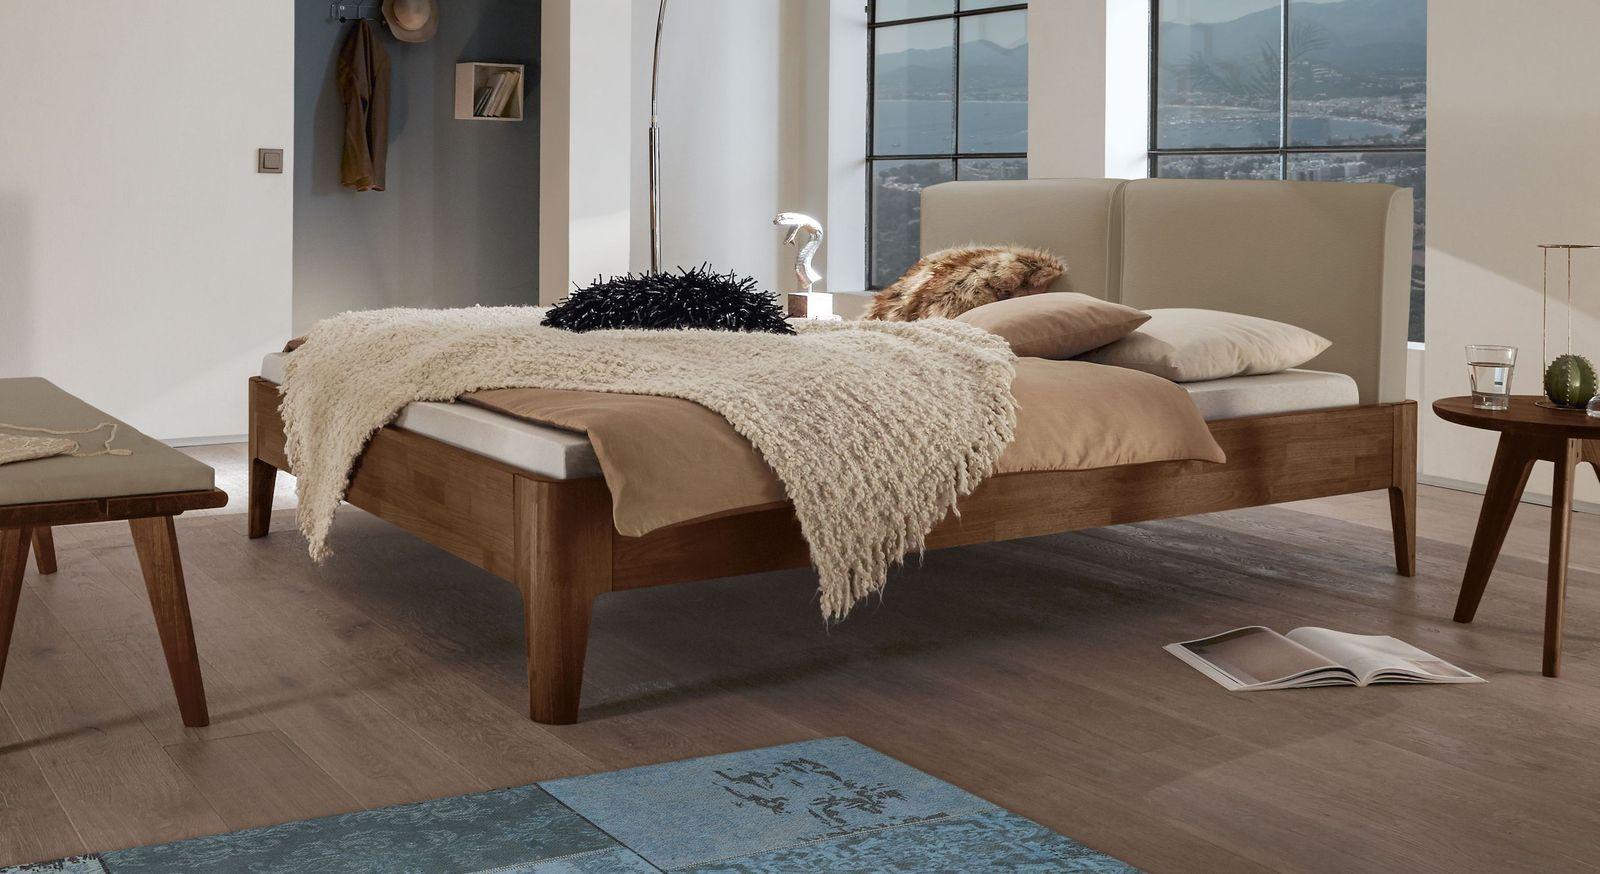 Bett Gori aus Nussbaum mit beigebraunem Kopfteil